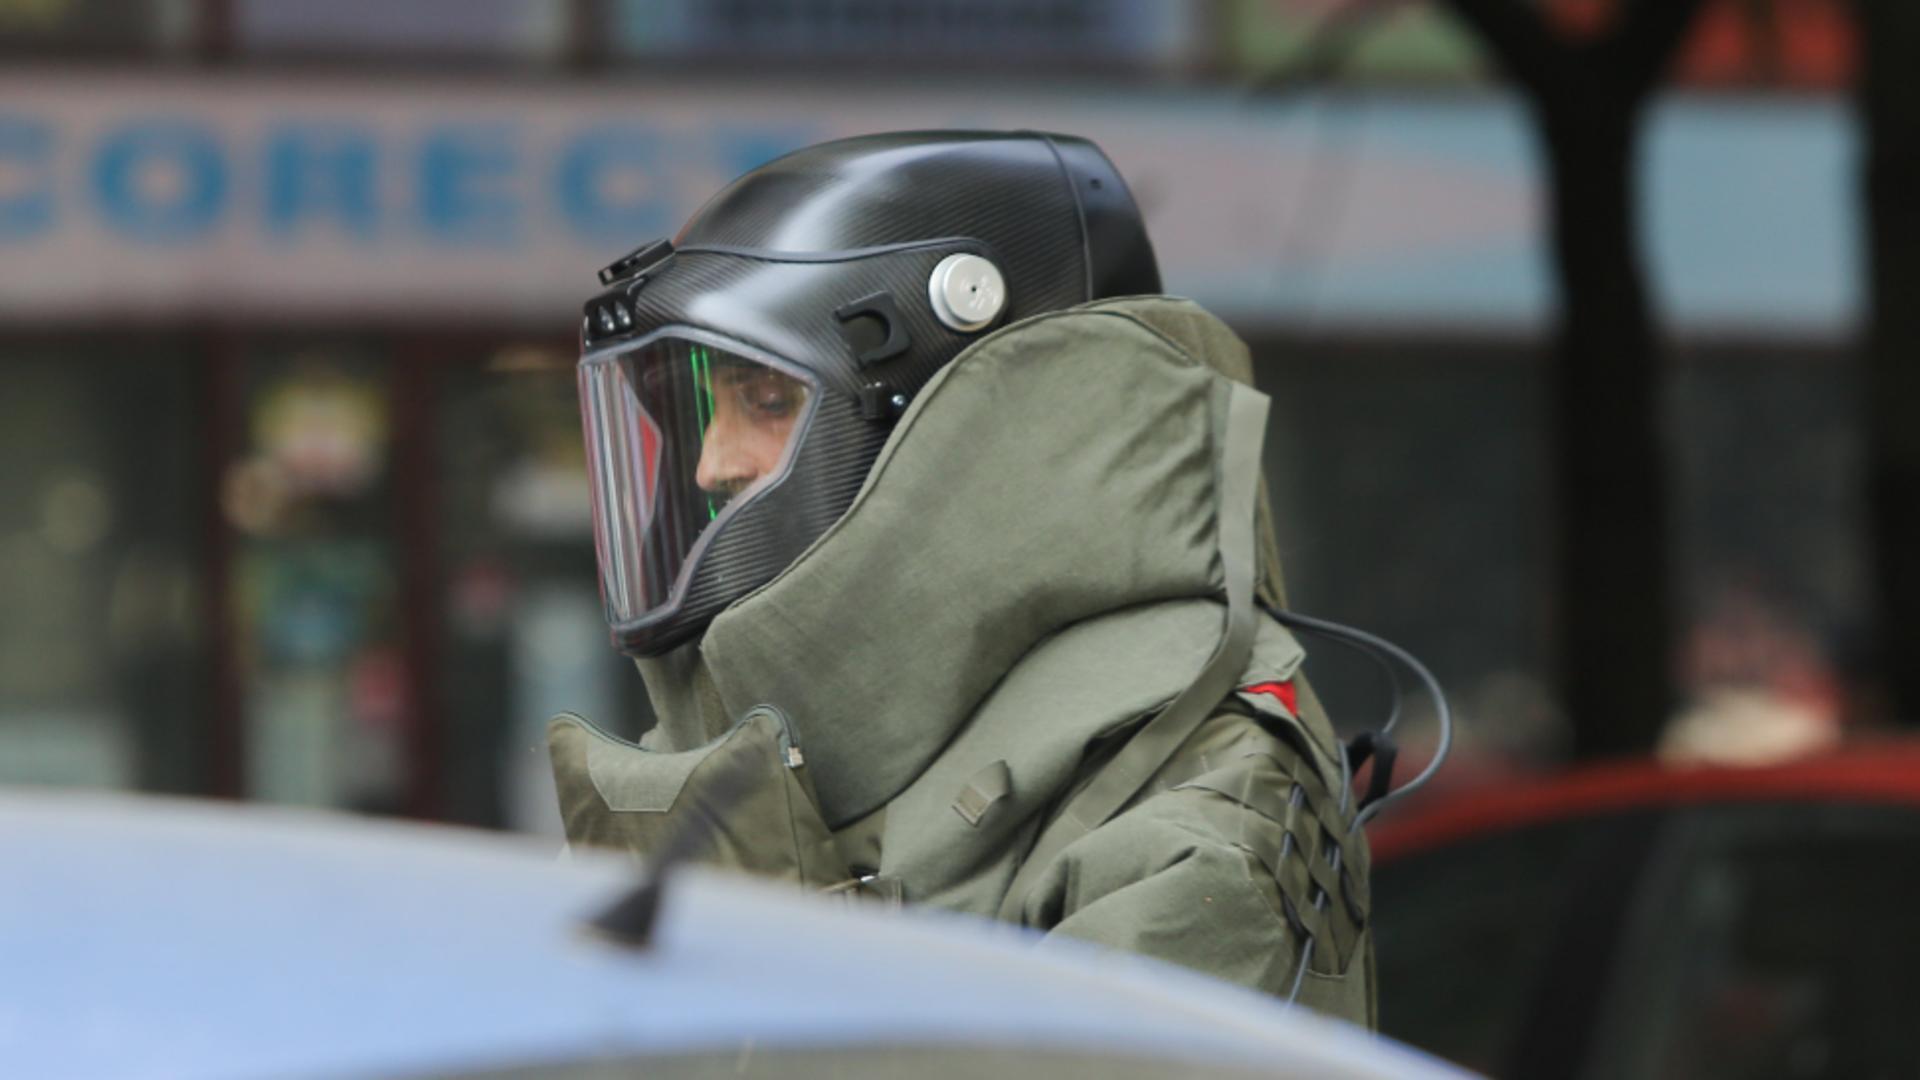 Alertă cu bombă la DGASPC Iași / Foto: Inquam Photos